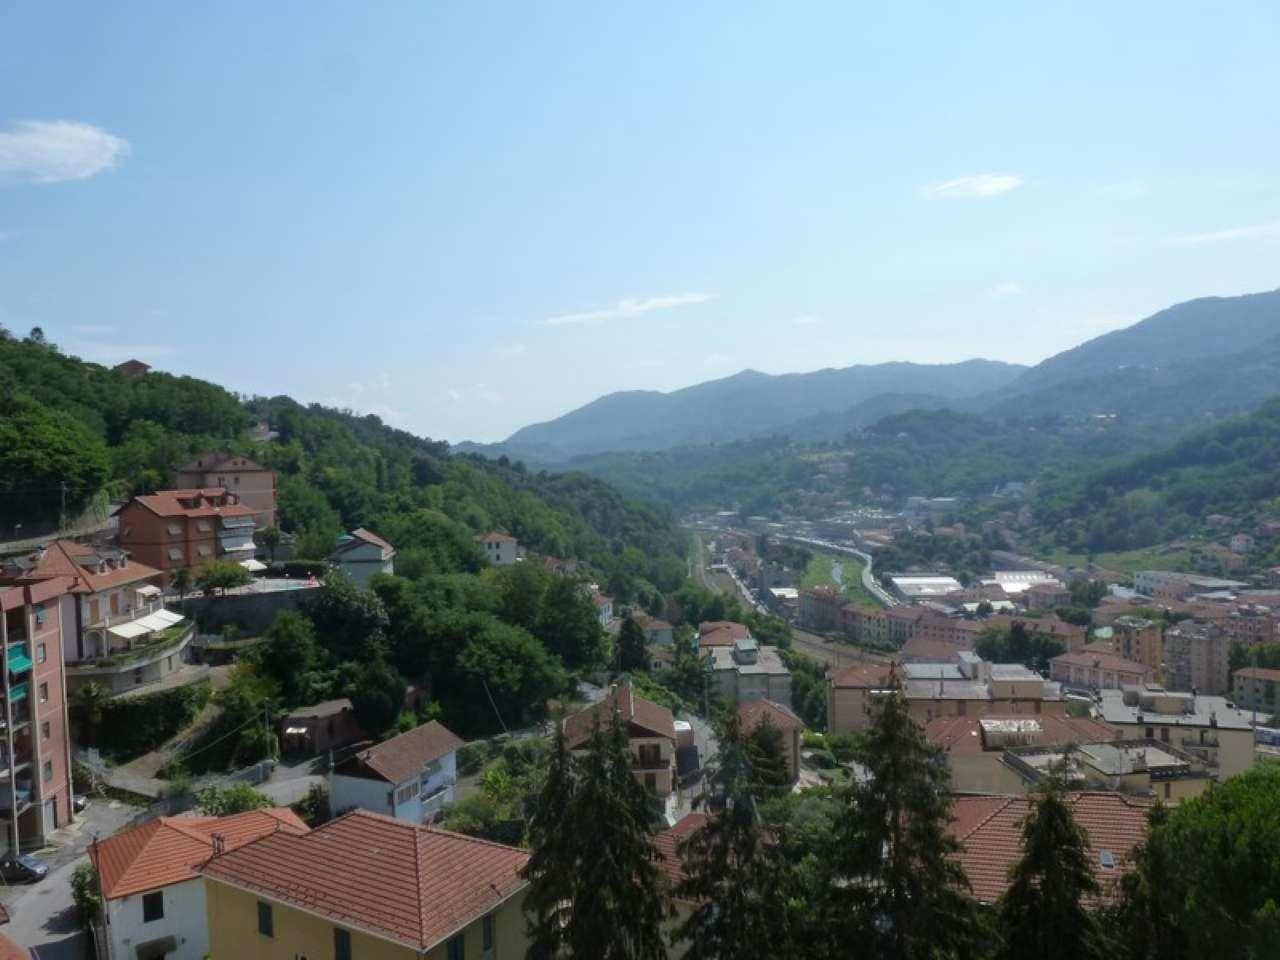 Appartamento in vendita a Serra Riccò, 4 locali, prezzo € 195.000 | CambioCasa.it